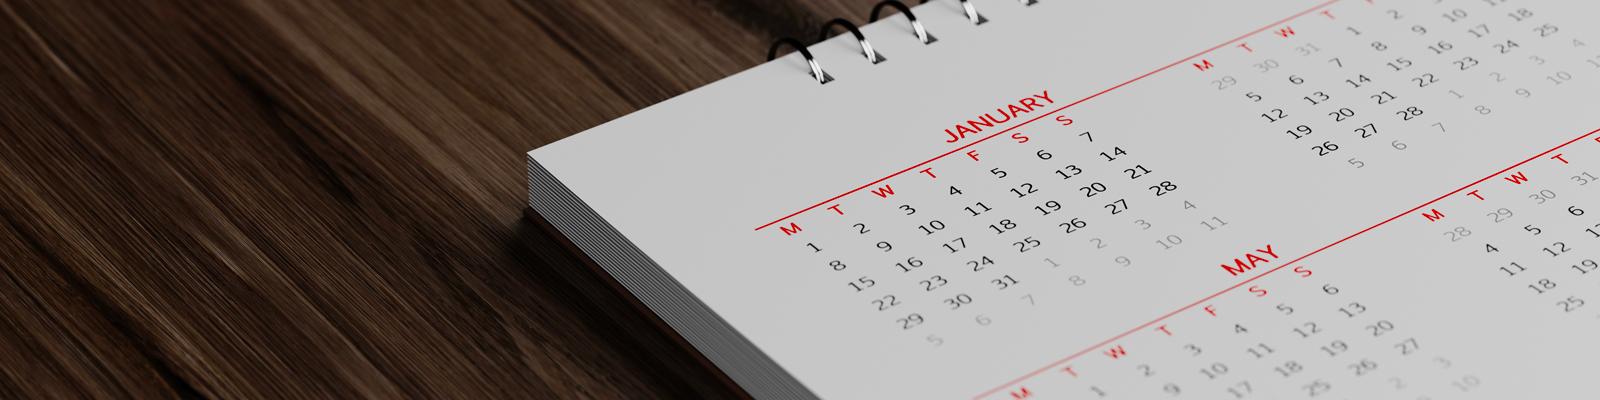 A closeup of a calendar year sitting on a wooden desktop